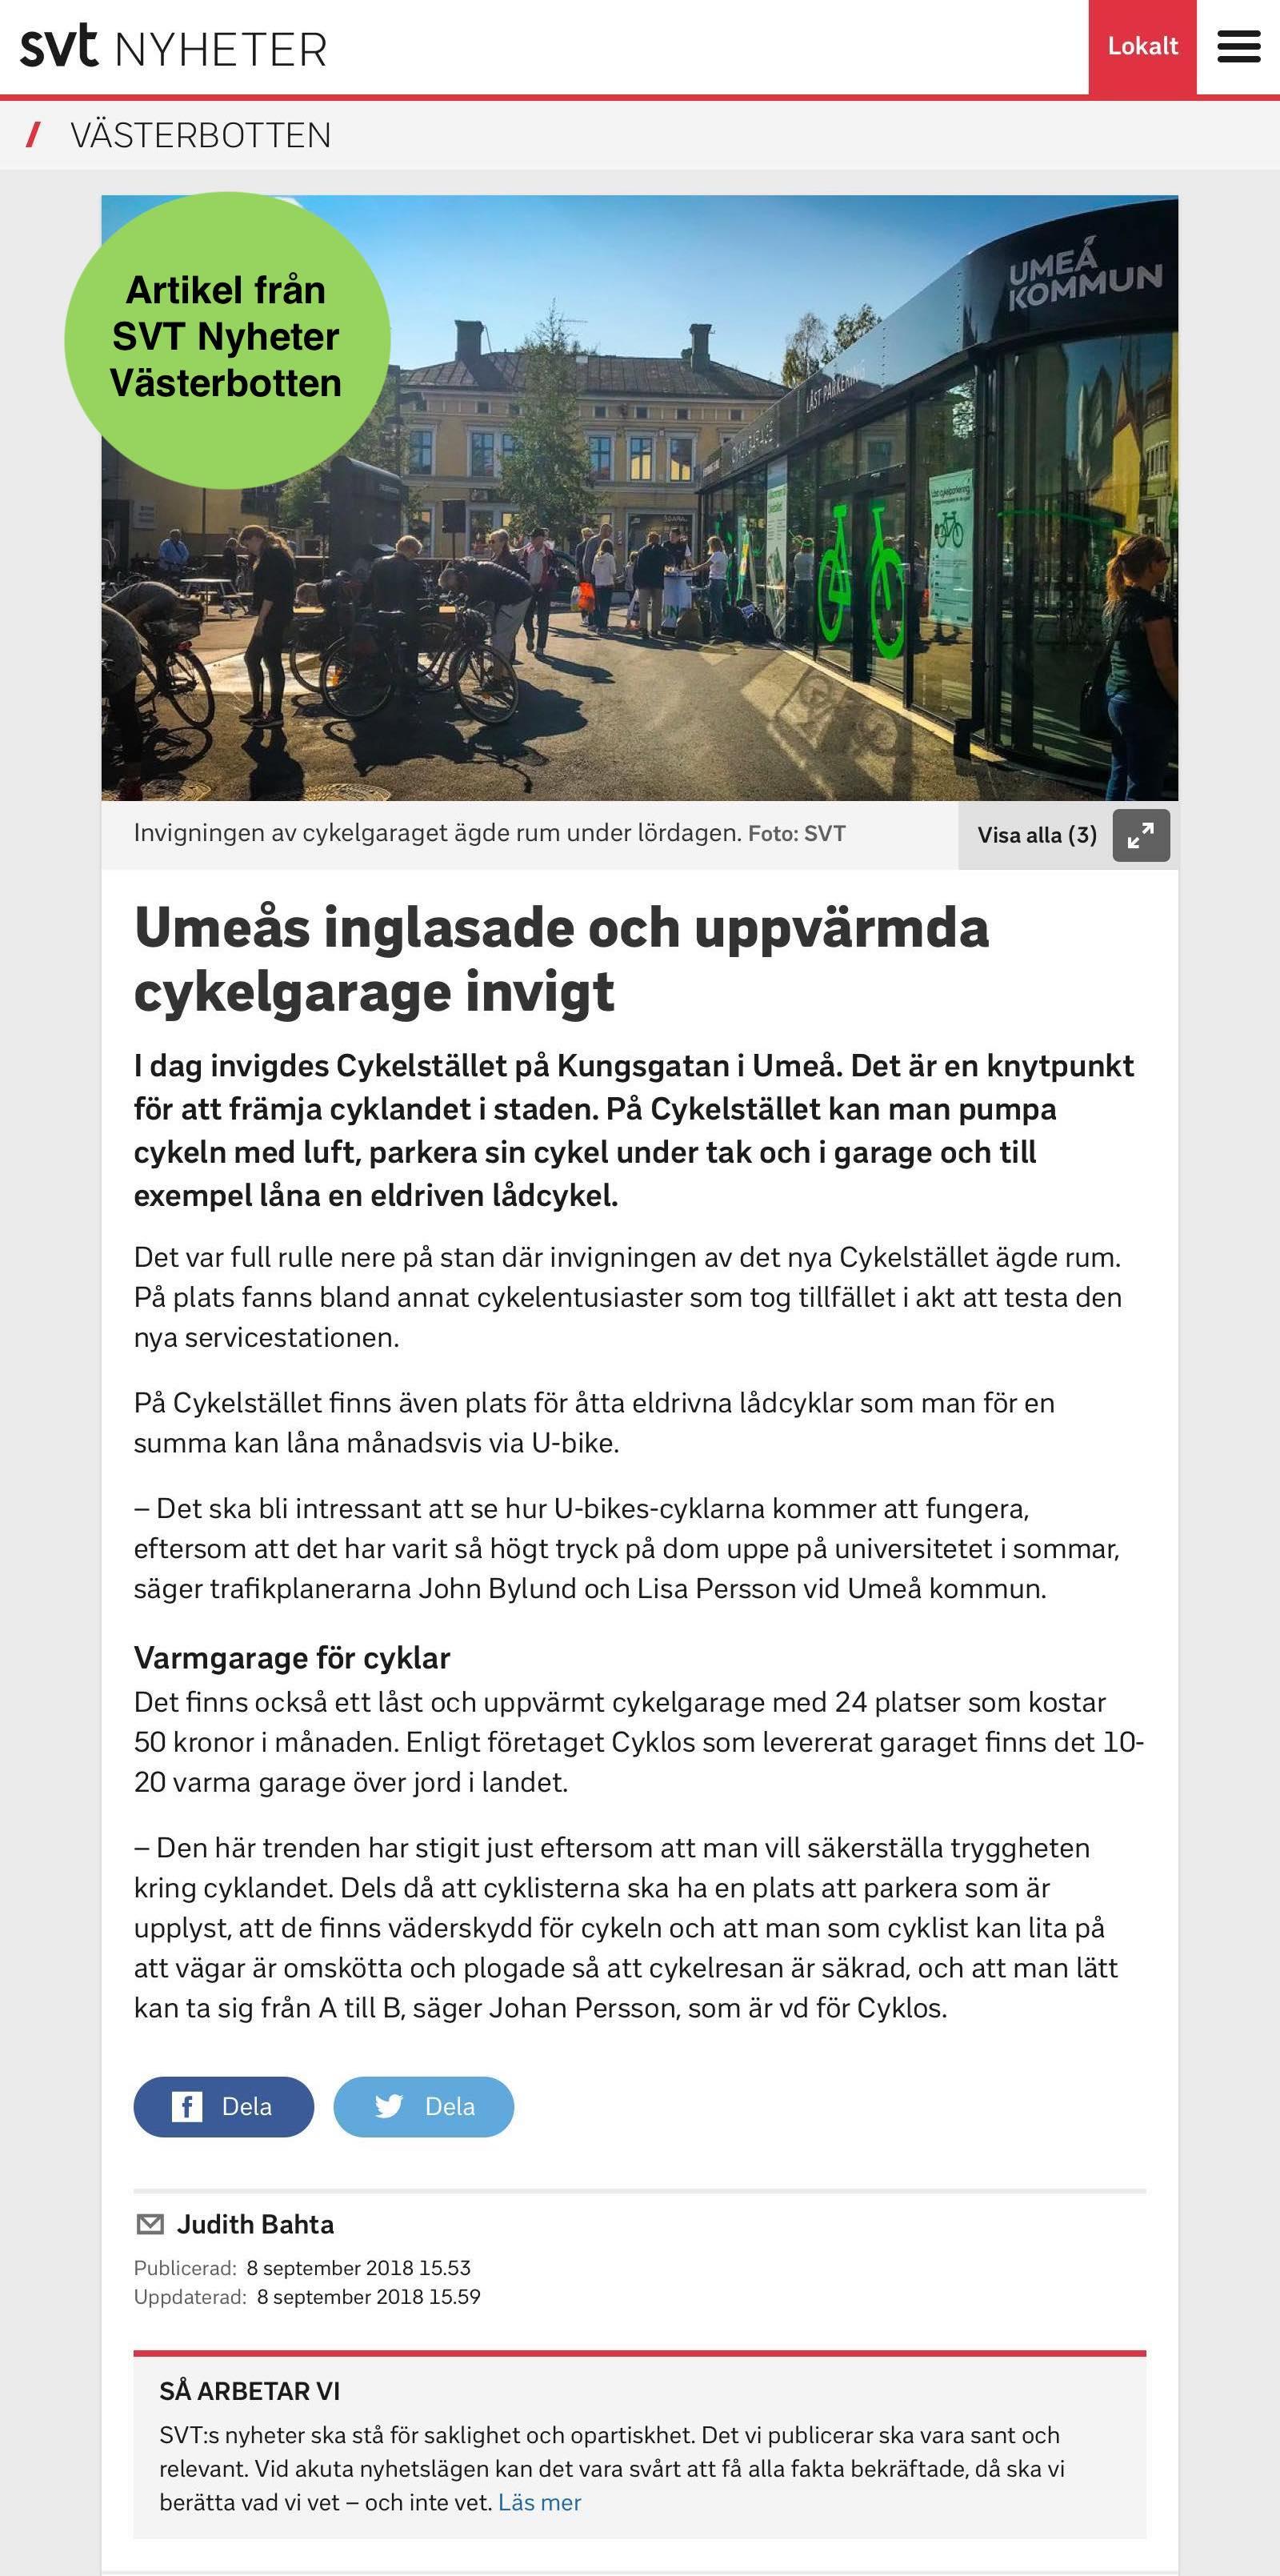 """Sveriges television rapporterar om invigningen av """"Cykelstället"""" i Umeå där Cyklos levererat ett uppvärmt cykelgarage, cykelställ och cykeltak"""